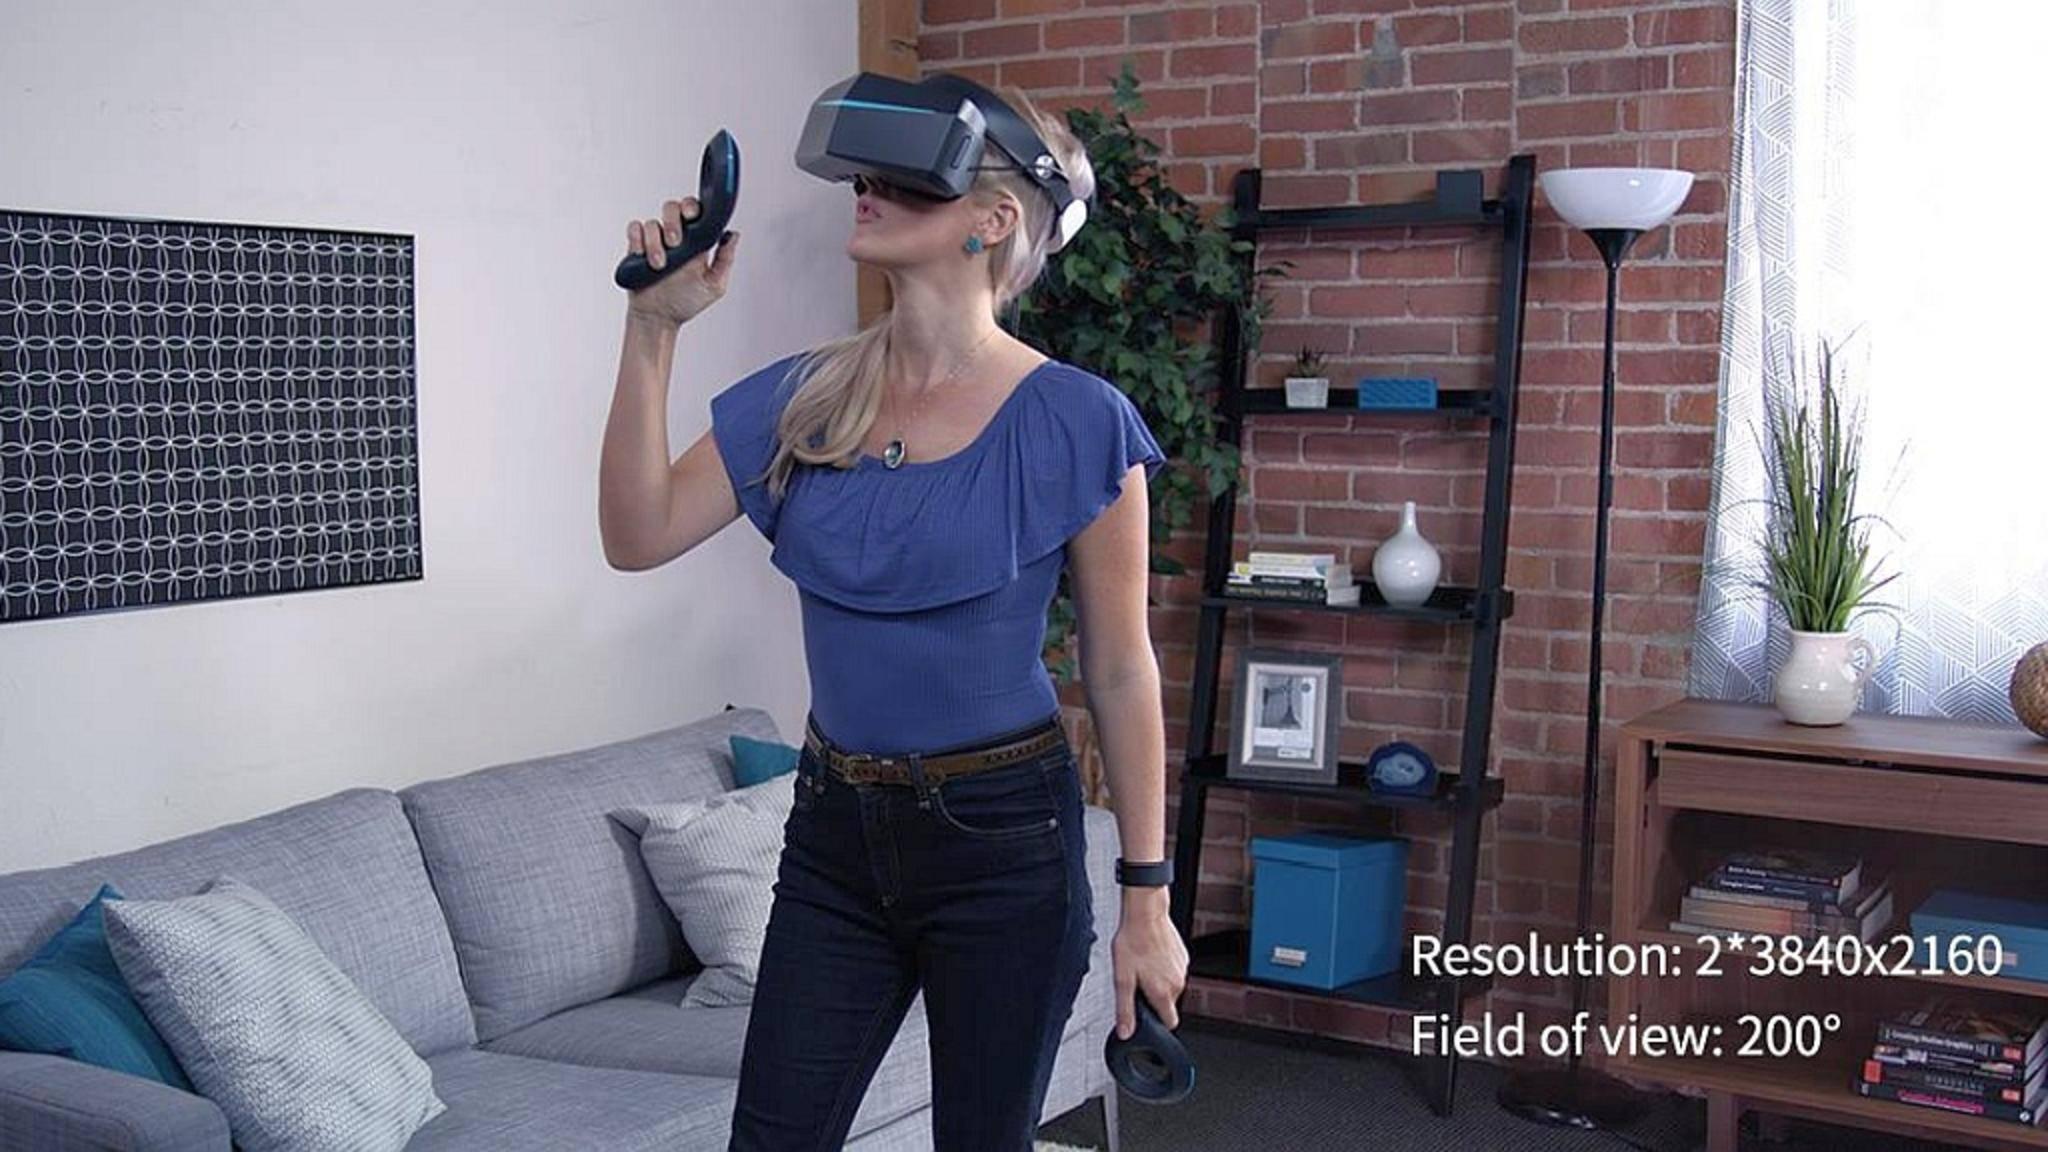 Revolution im VR-Bereich? Die Pimax 8K wurde auf Kickstarter in kürzester Zeit finanziert.